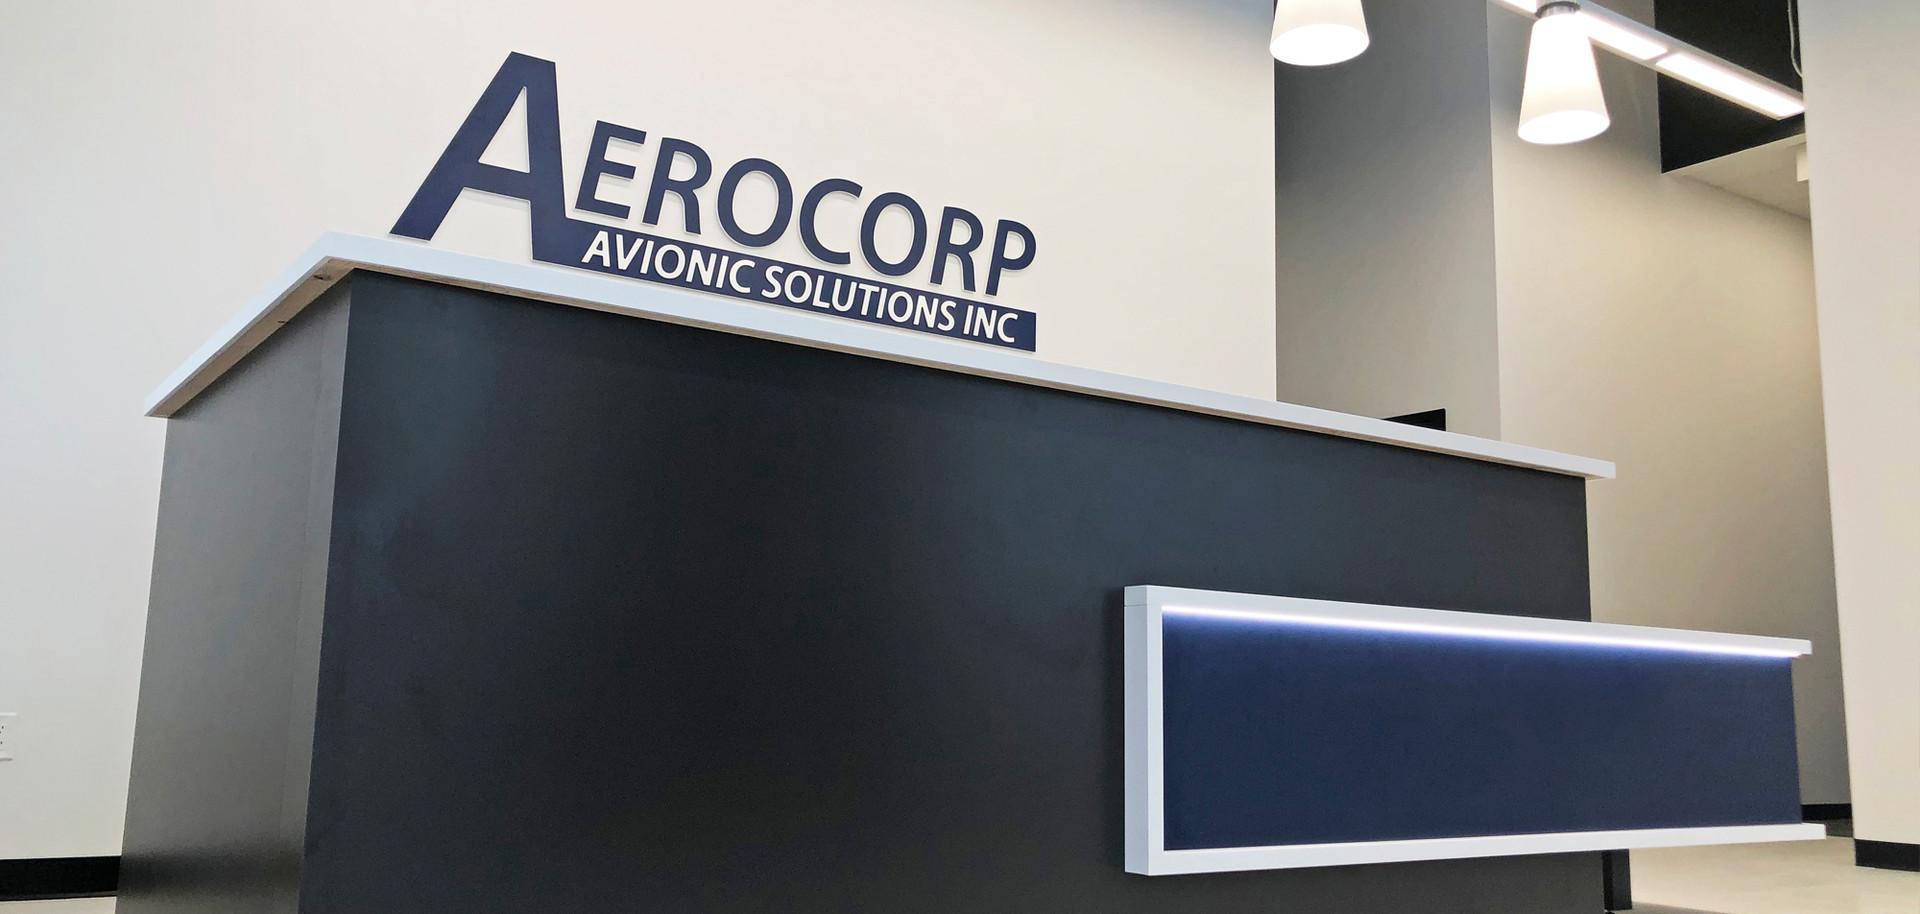 Aerocorp-1-2000x1000.jpg